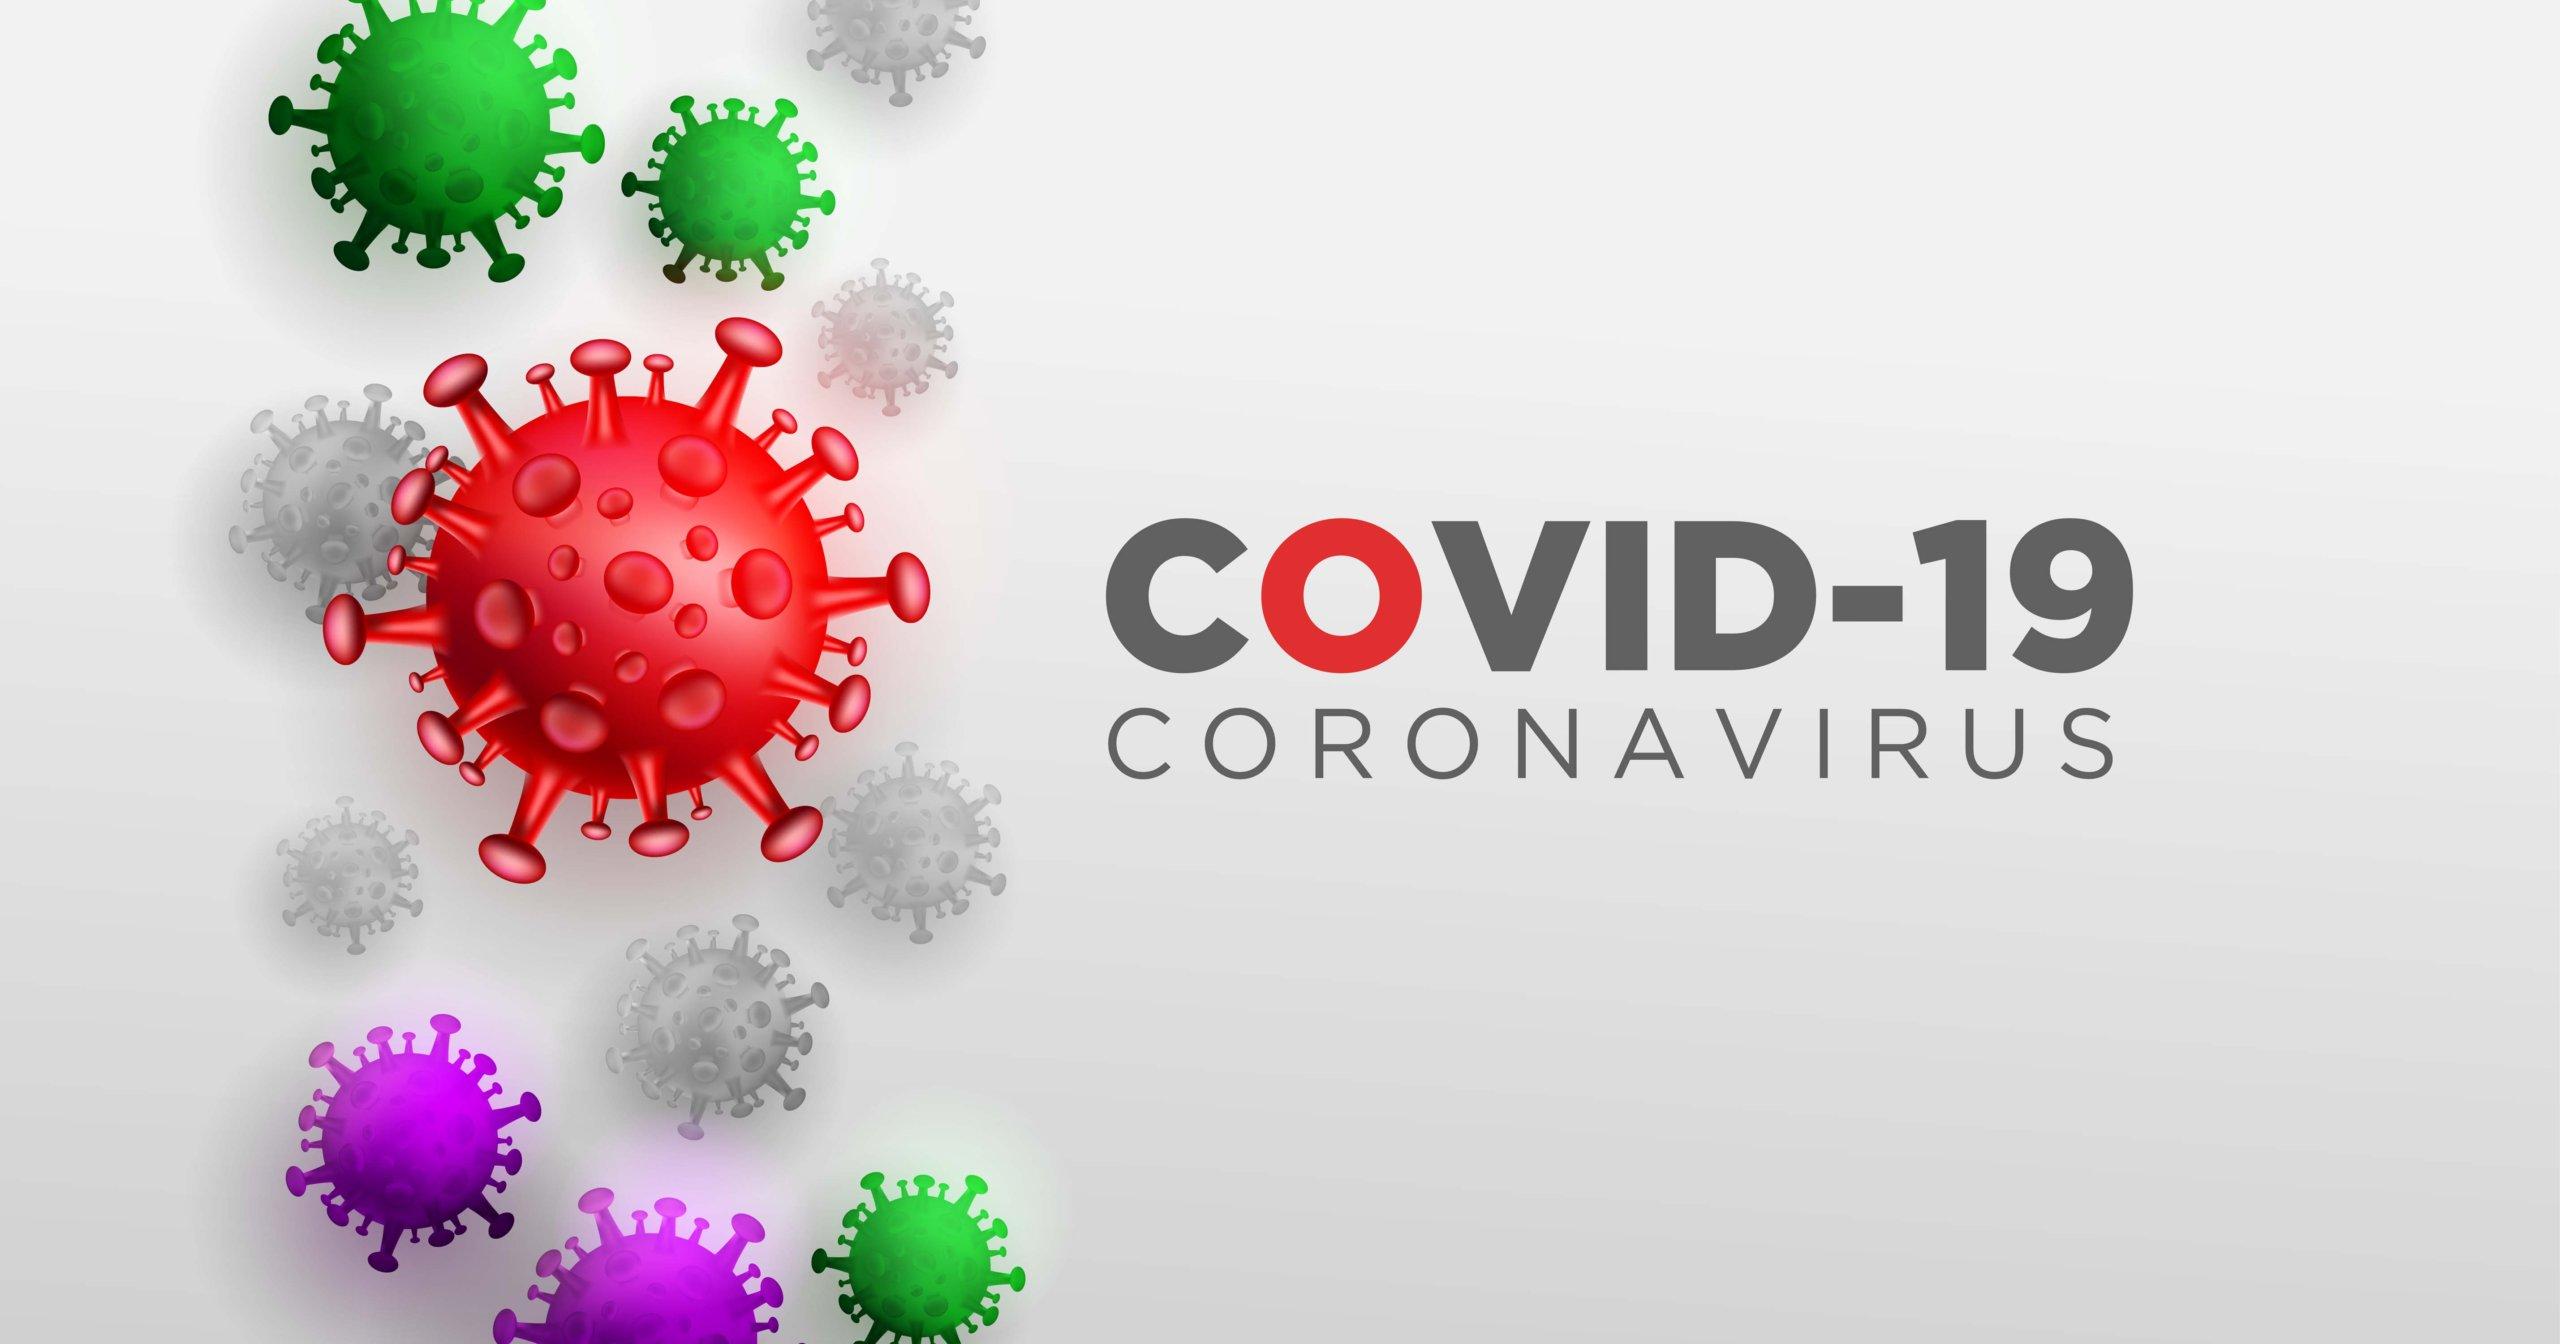 Coronavirus & Business Support